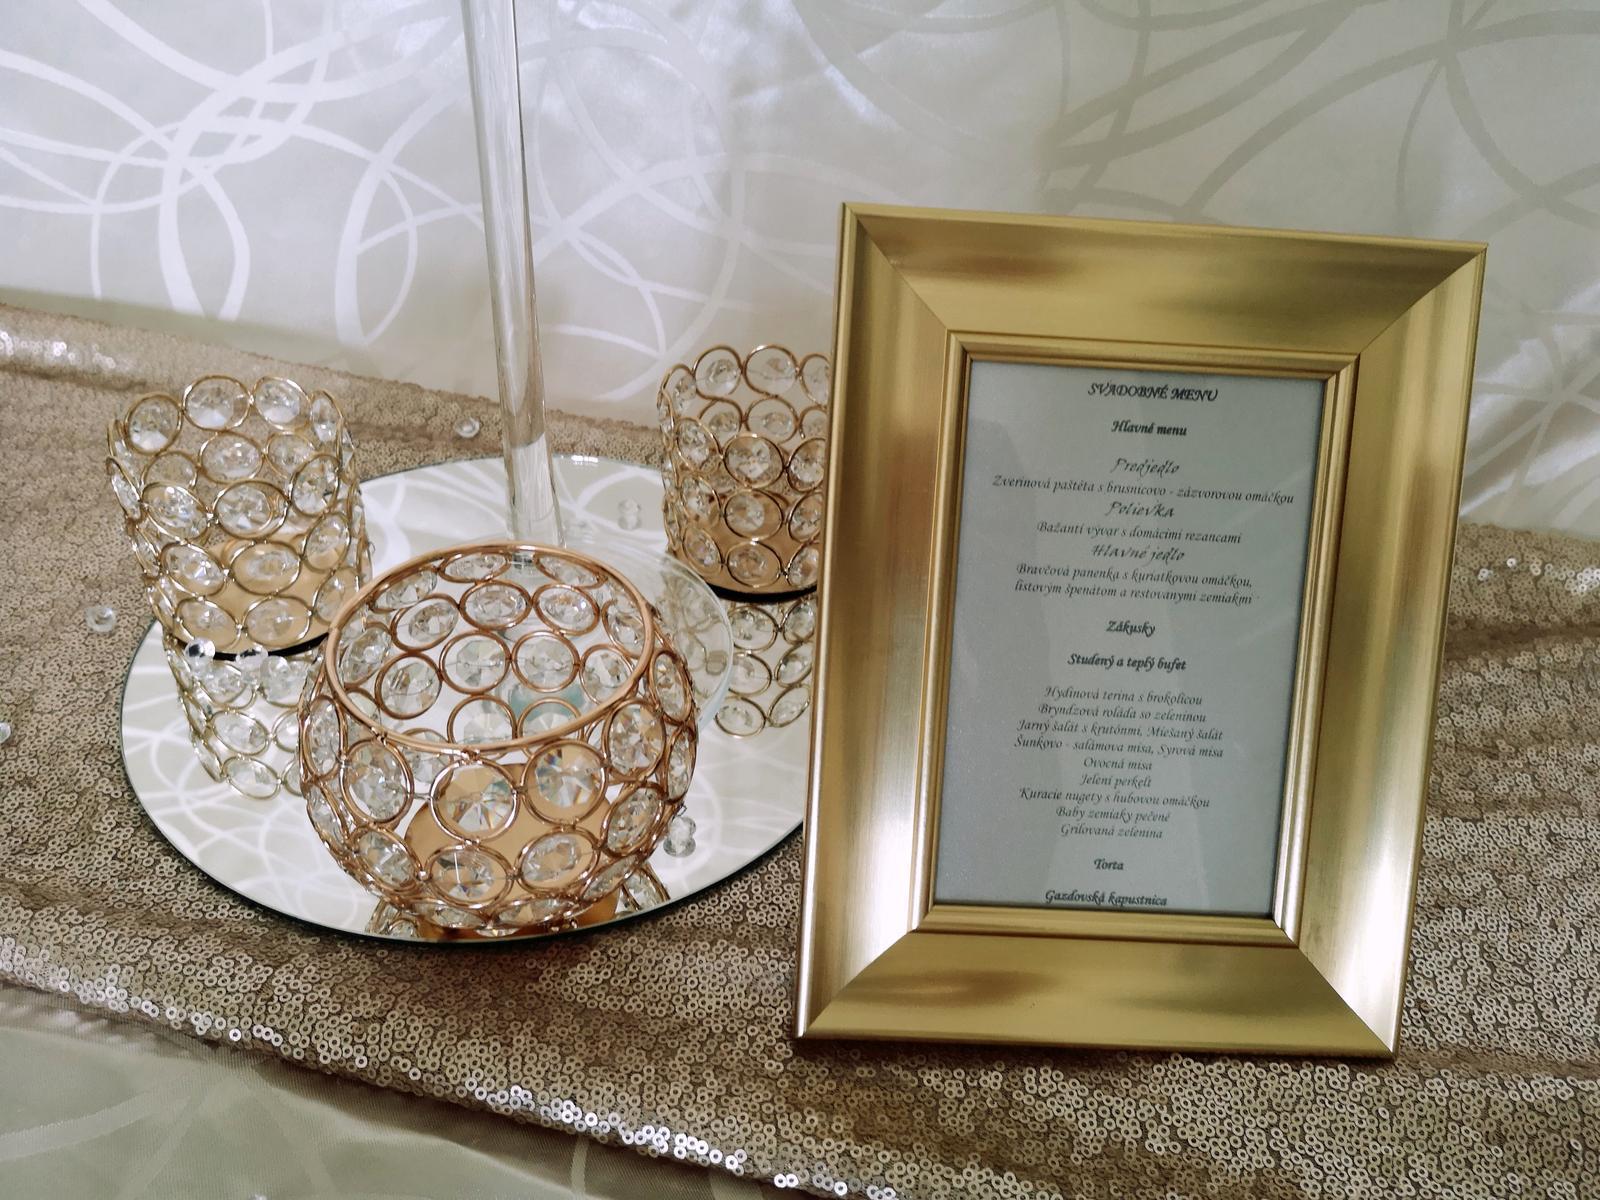 Dekorácie stolov pre svadobných hostí - Obrázok č. 1